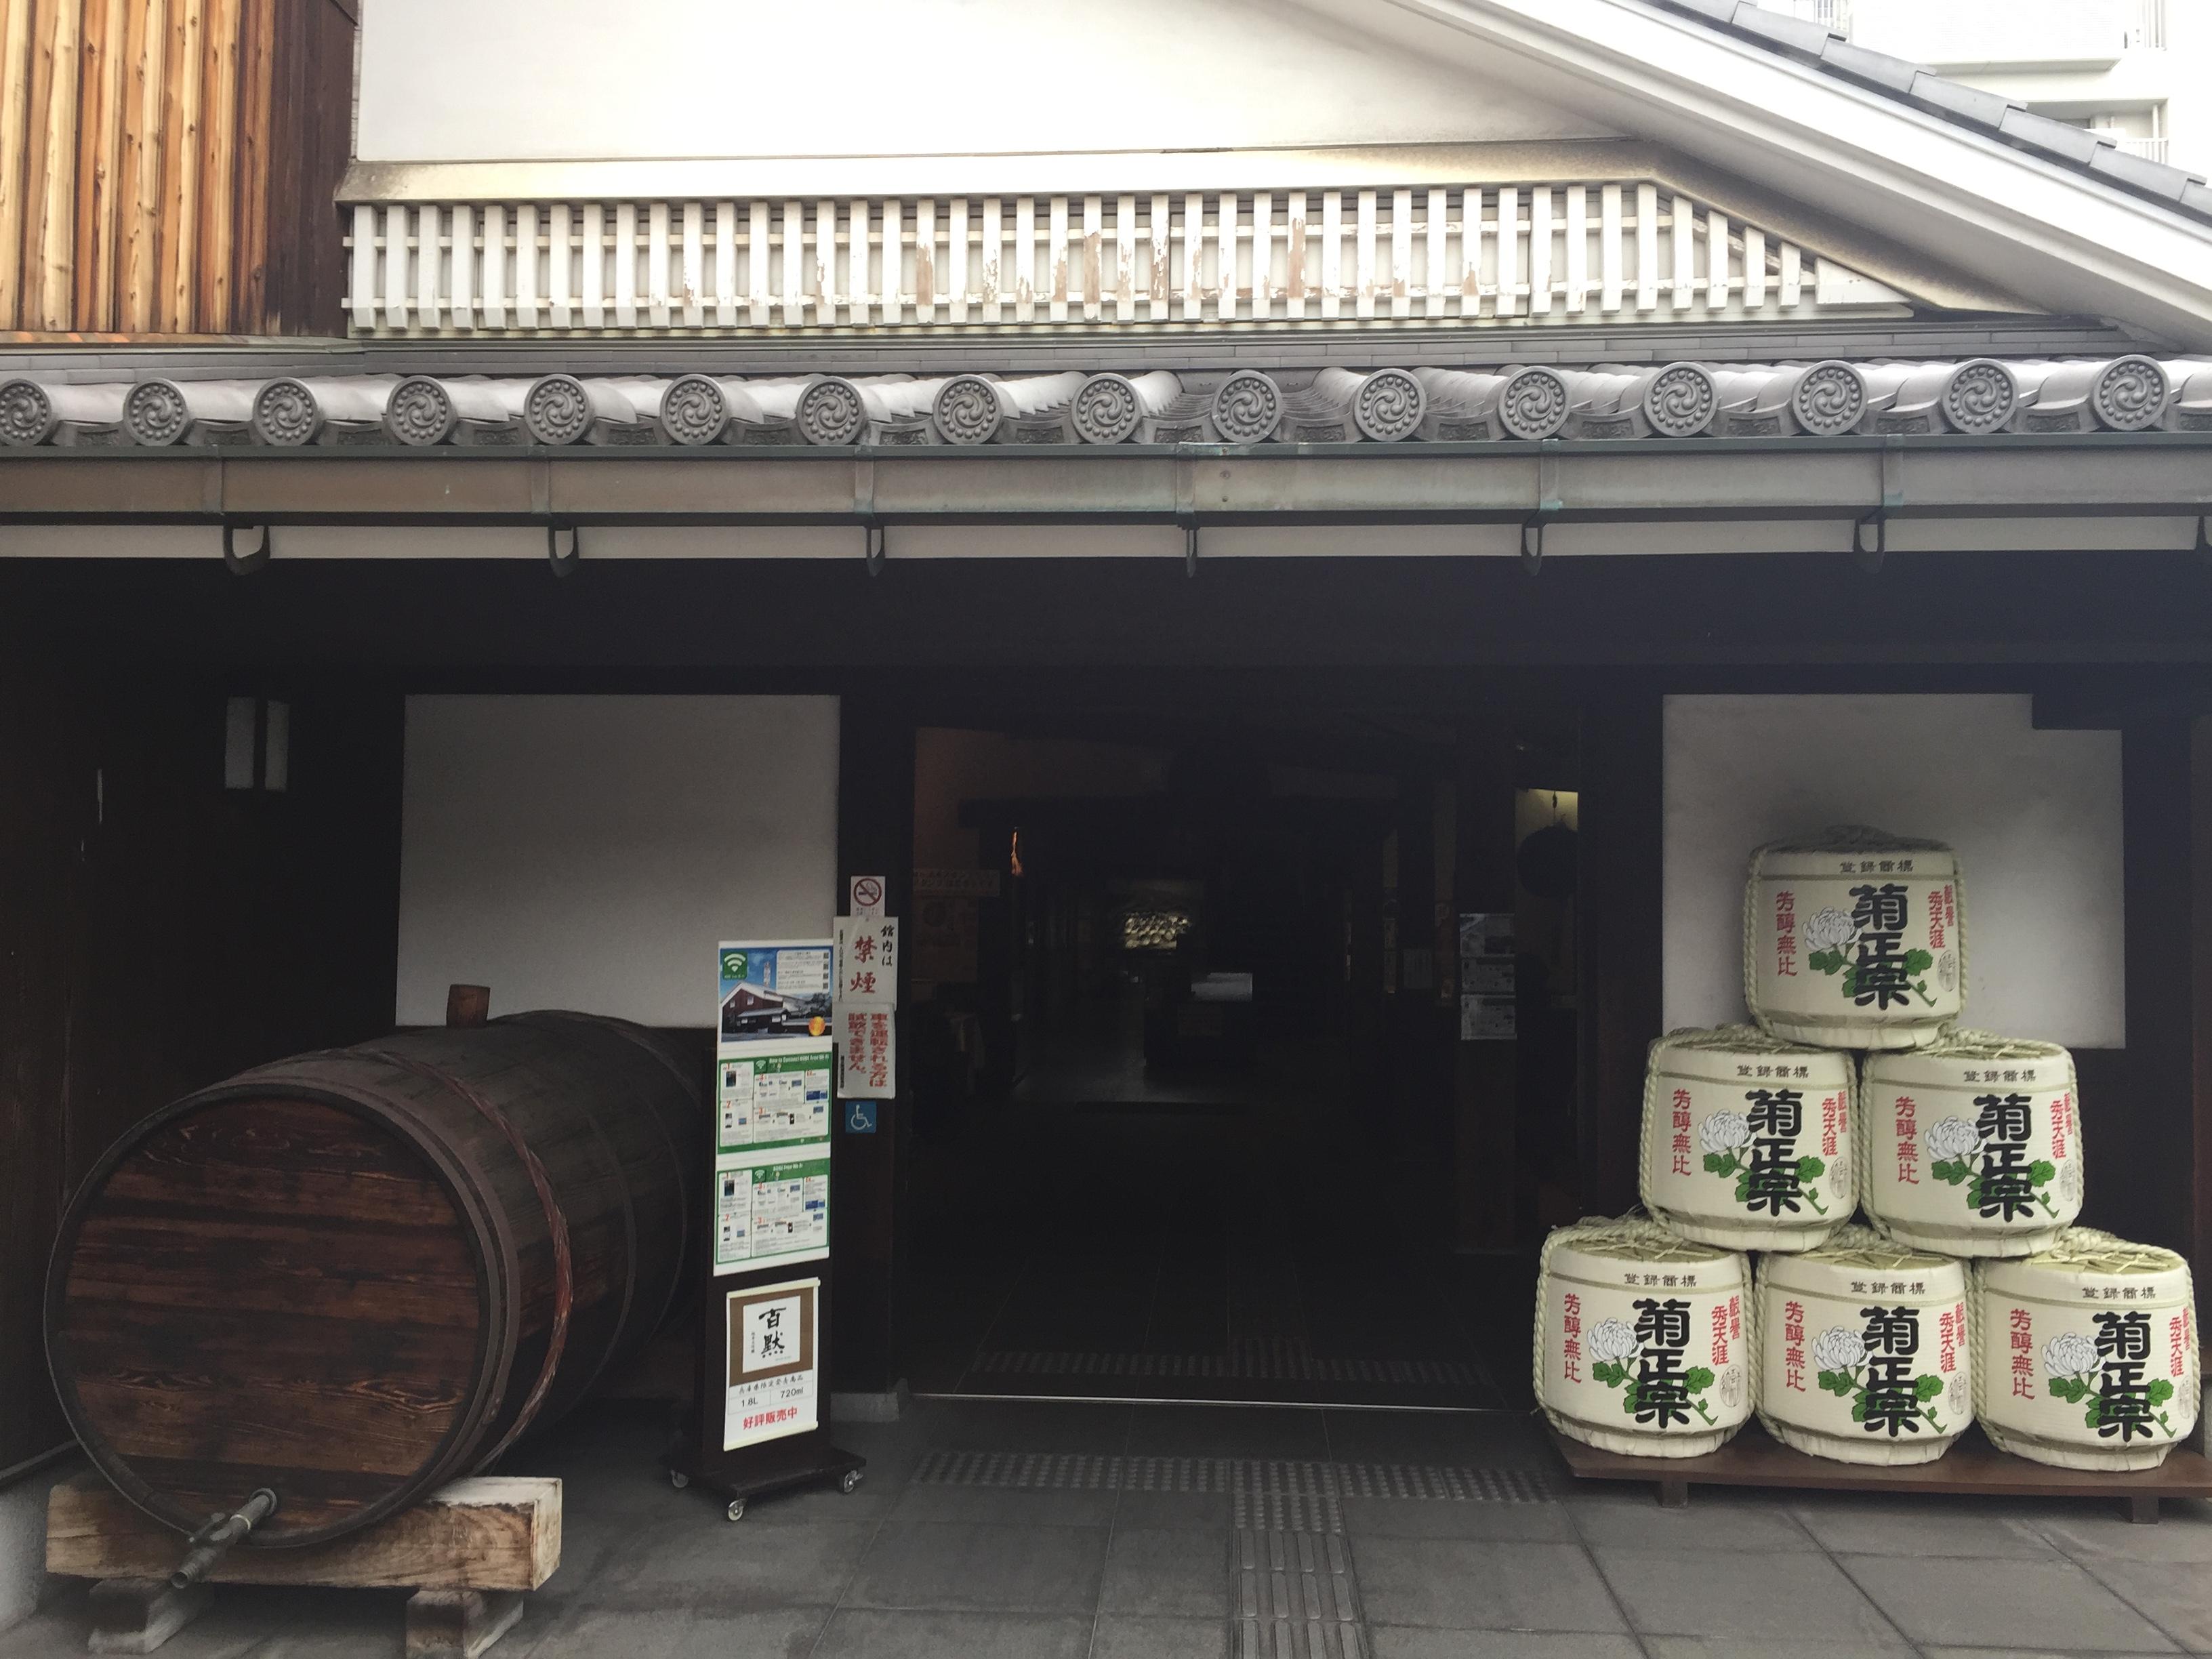 神戸・魚崎の菊正宗で「蔵開き2017」が2月25日(土)に開催されるよ【※イベント告知】